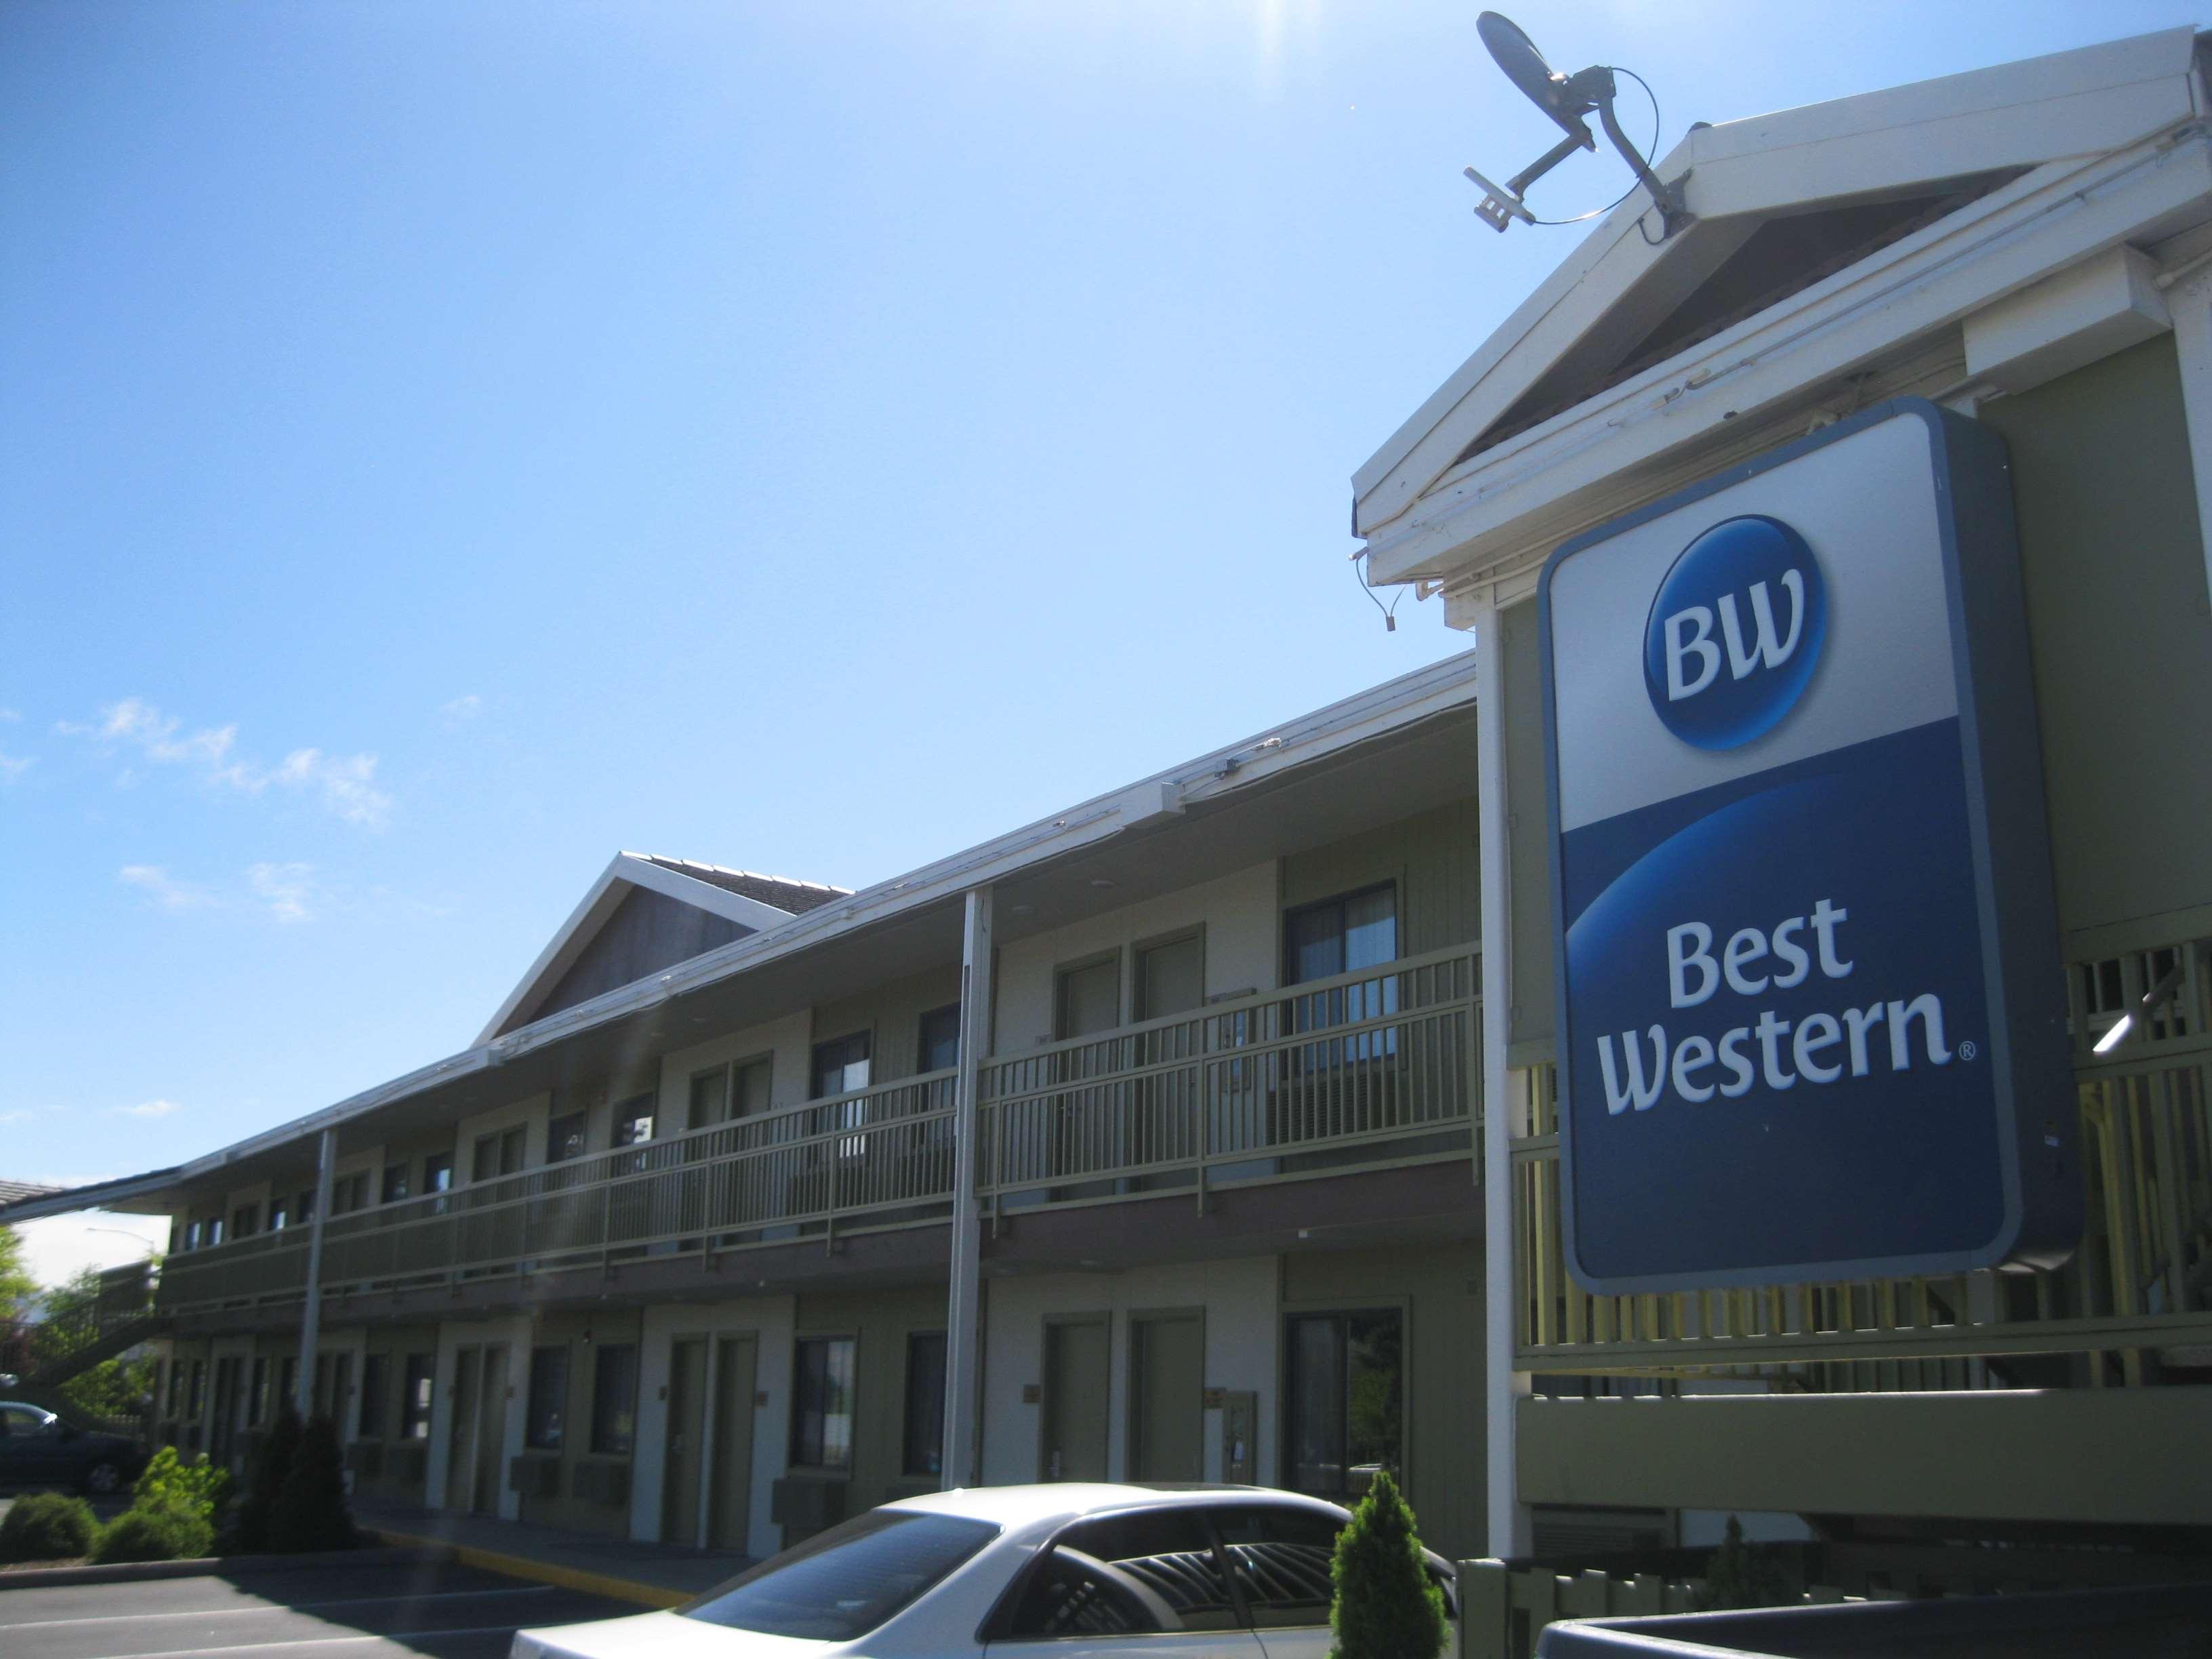 Best Western Airport Inn image 2